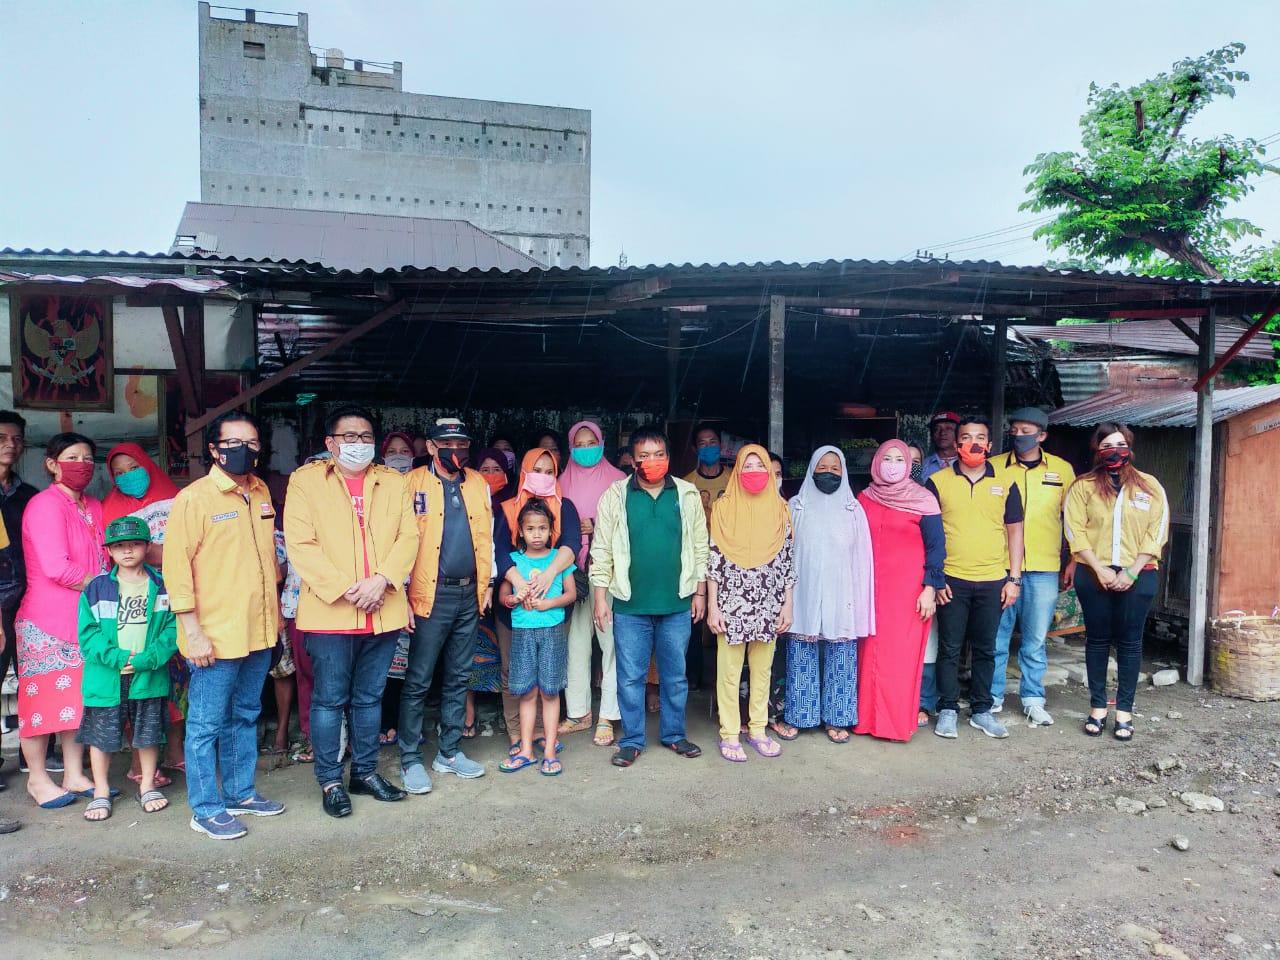 Partai Hanura Medan Barat, Memberikan Tali Asih kepada Rakyat Terdampak Covid-19